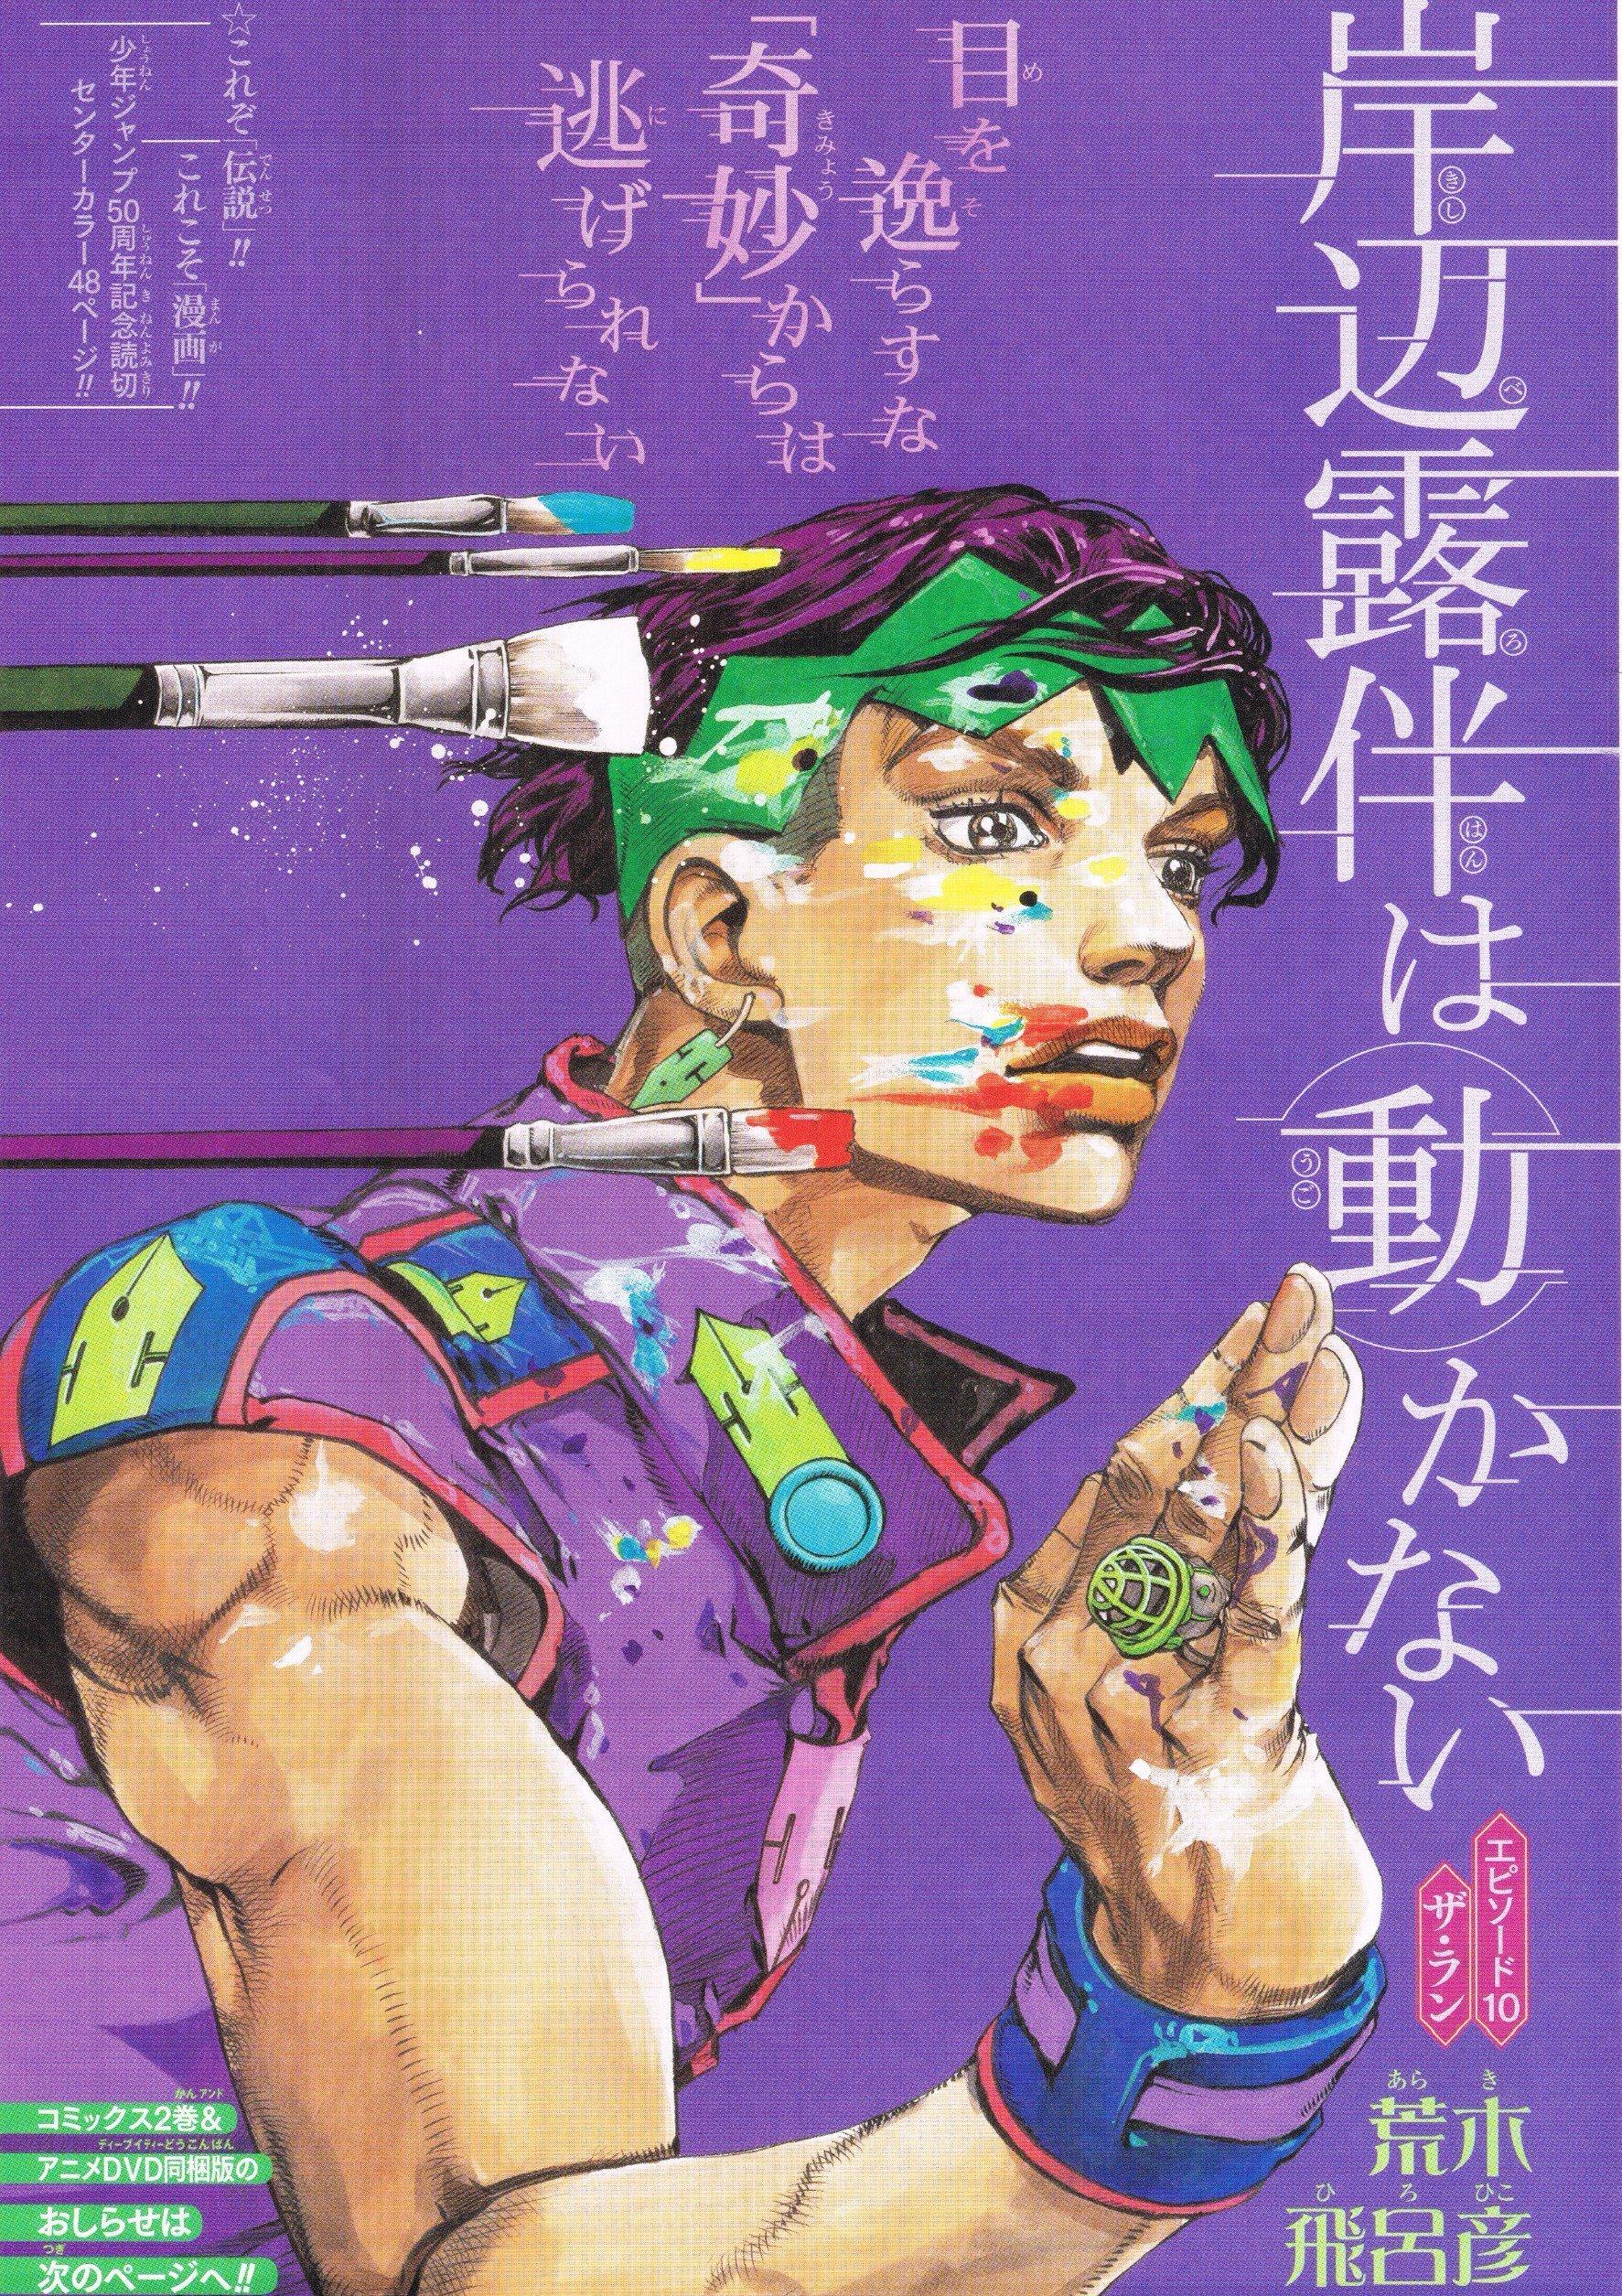 Portada del one-shot de Kishibe Rohan wa Ugokanai con el protagonista corriendo con la cara llena de pintura sobre un fondo morado